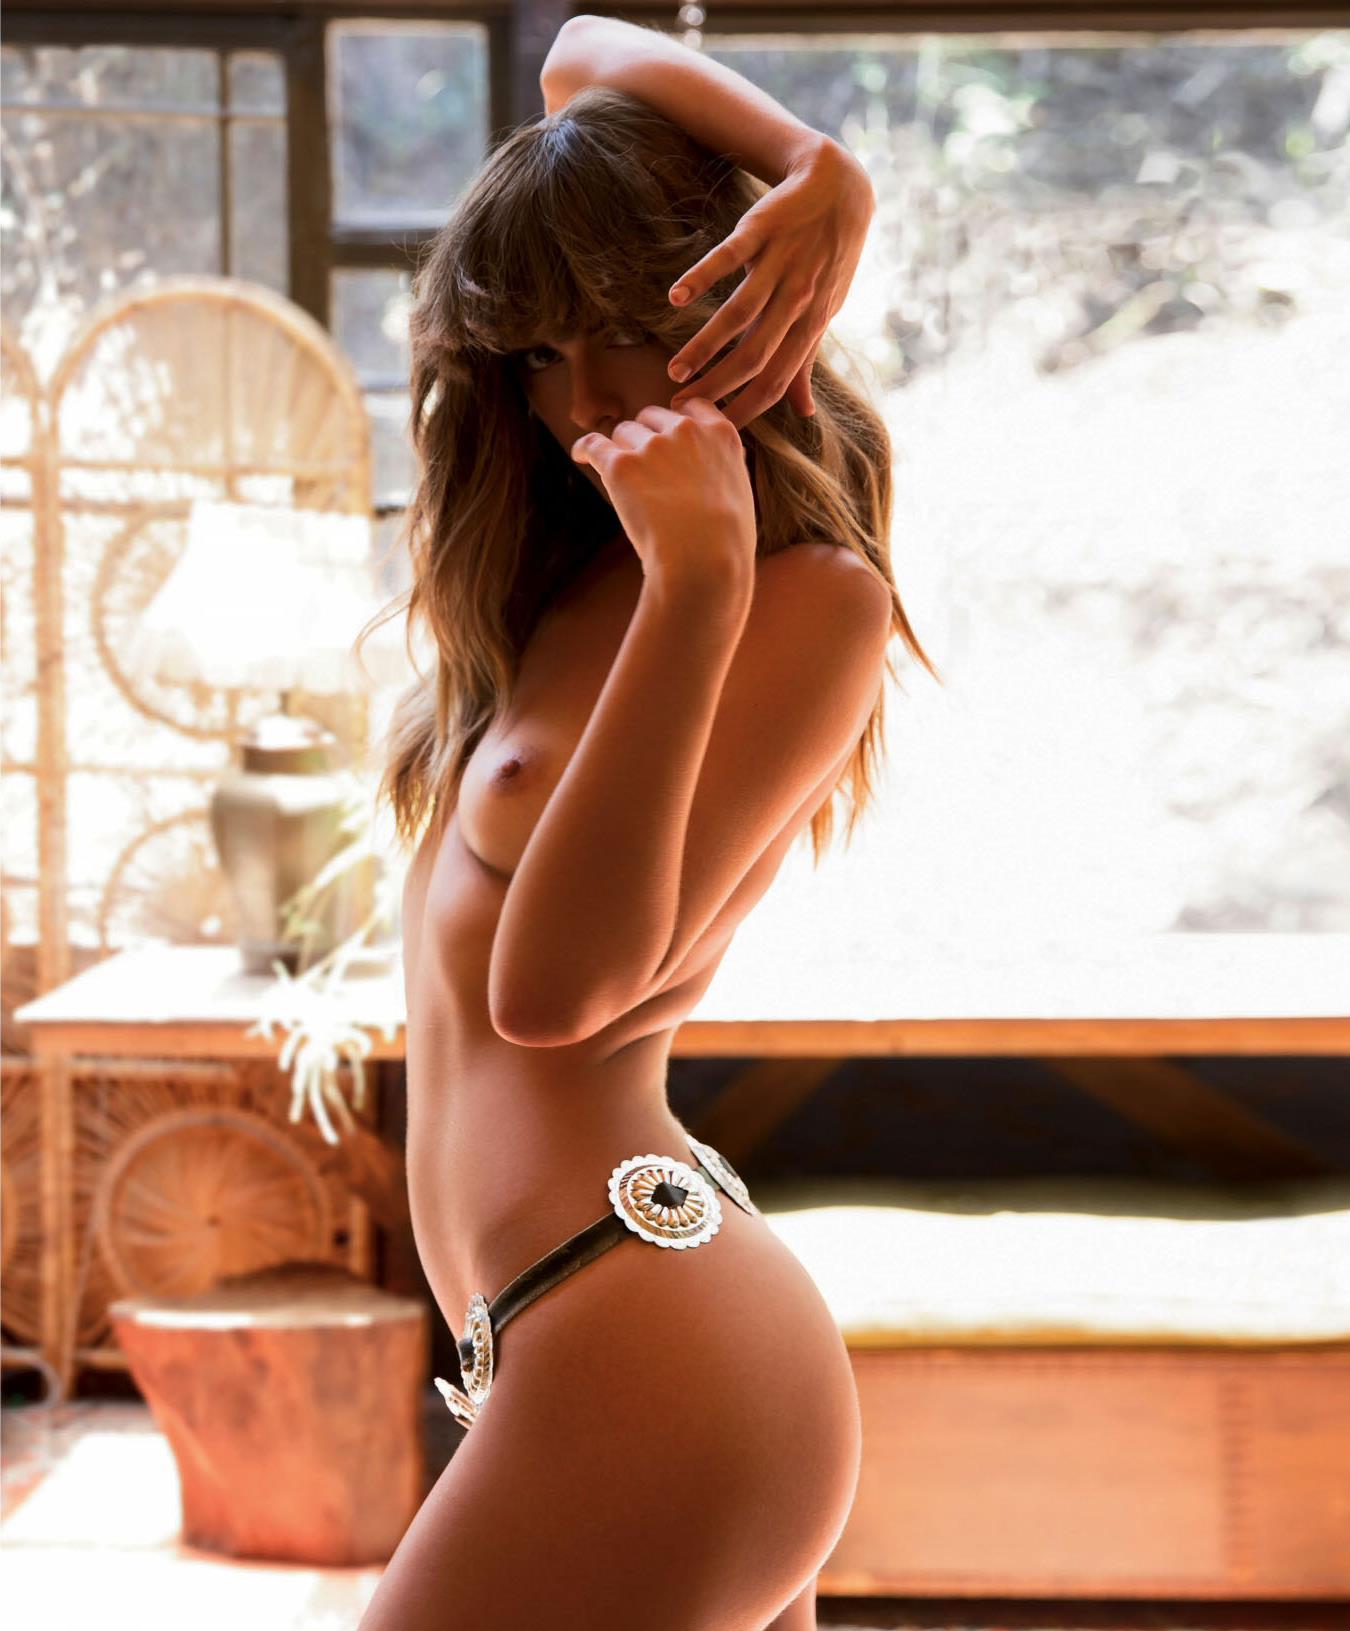 sabina leigh nude